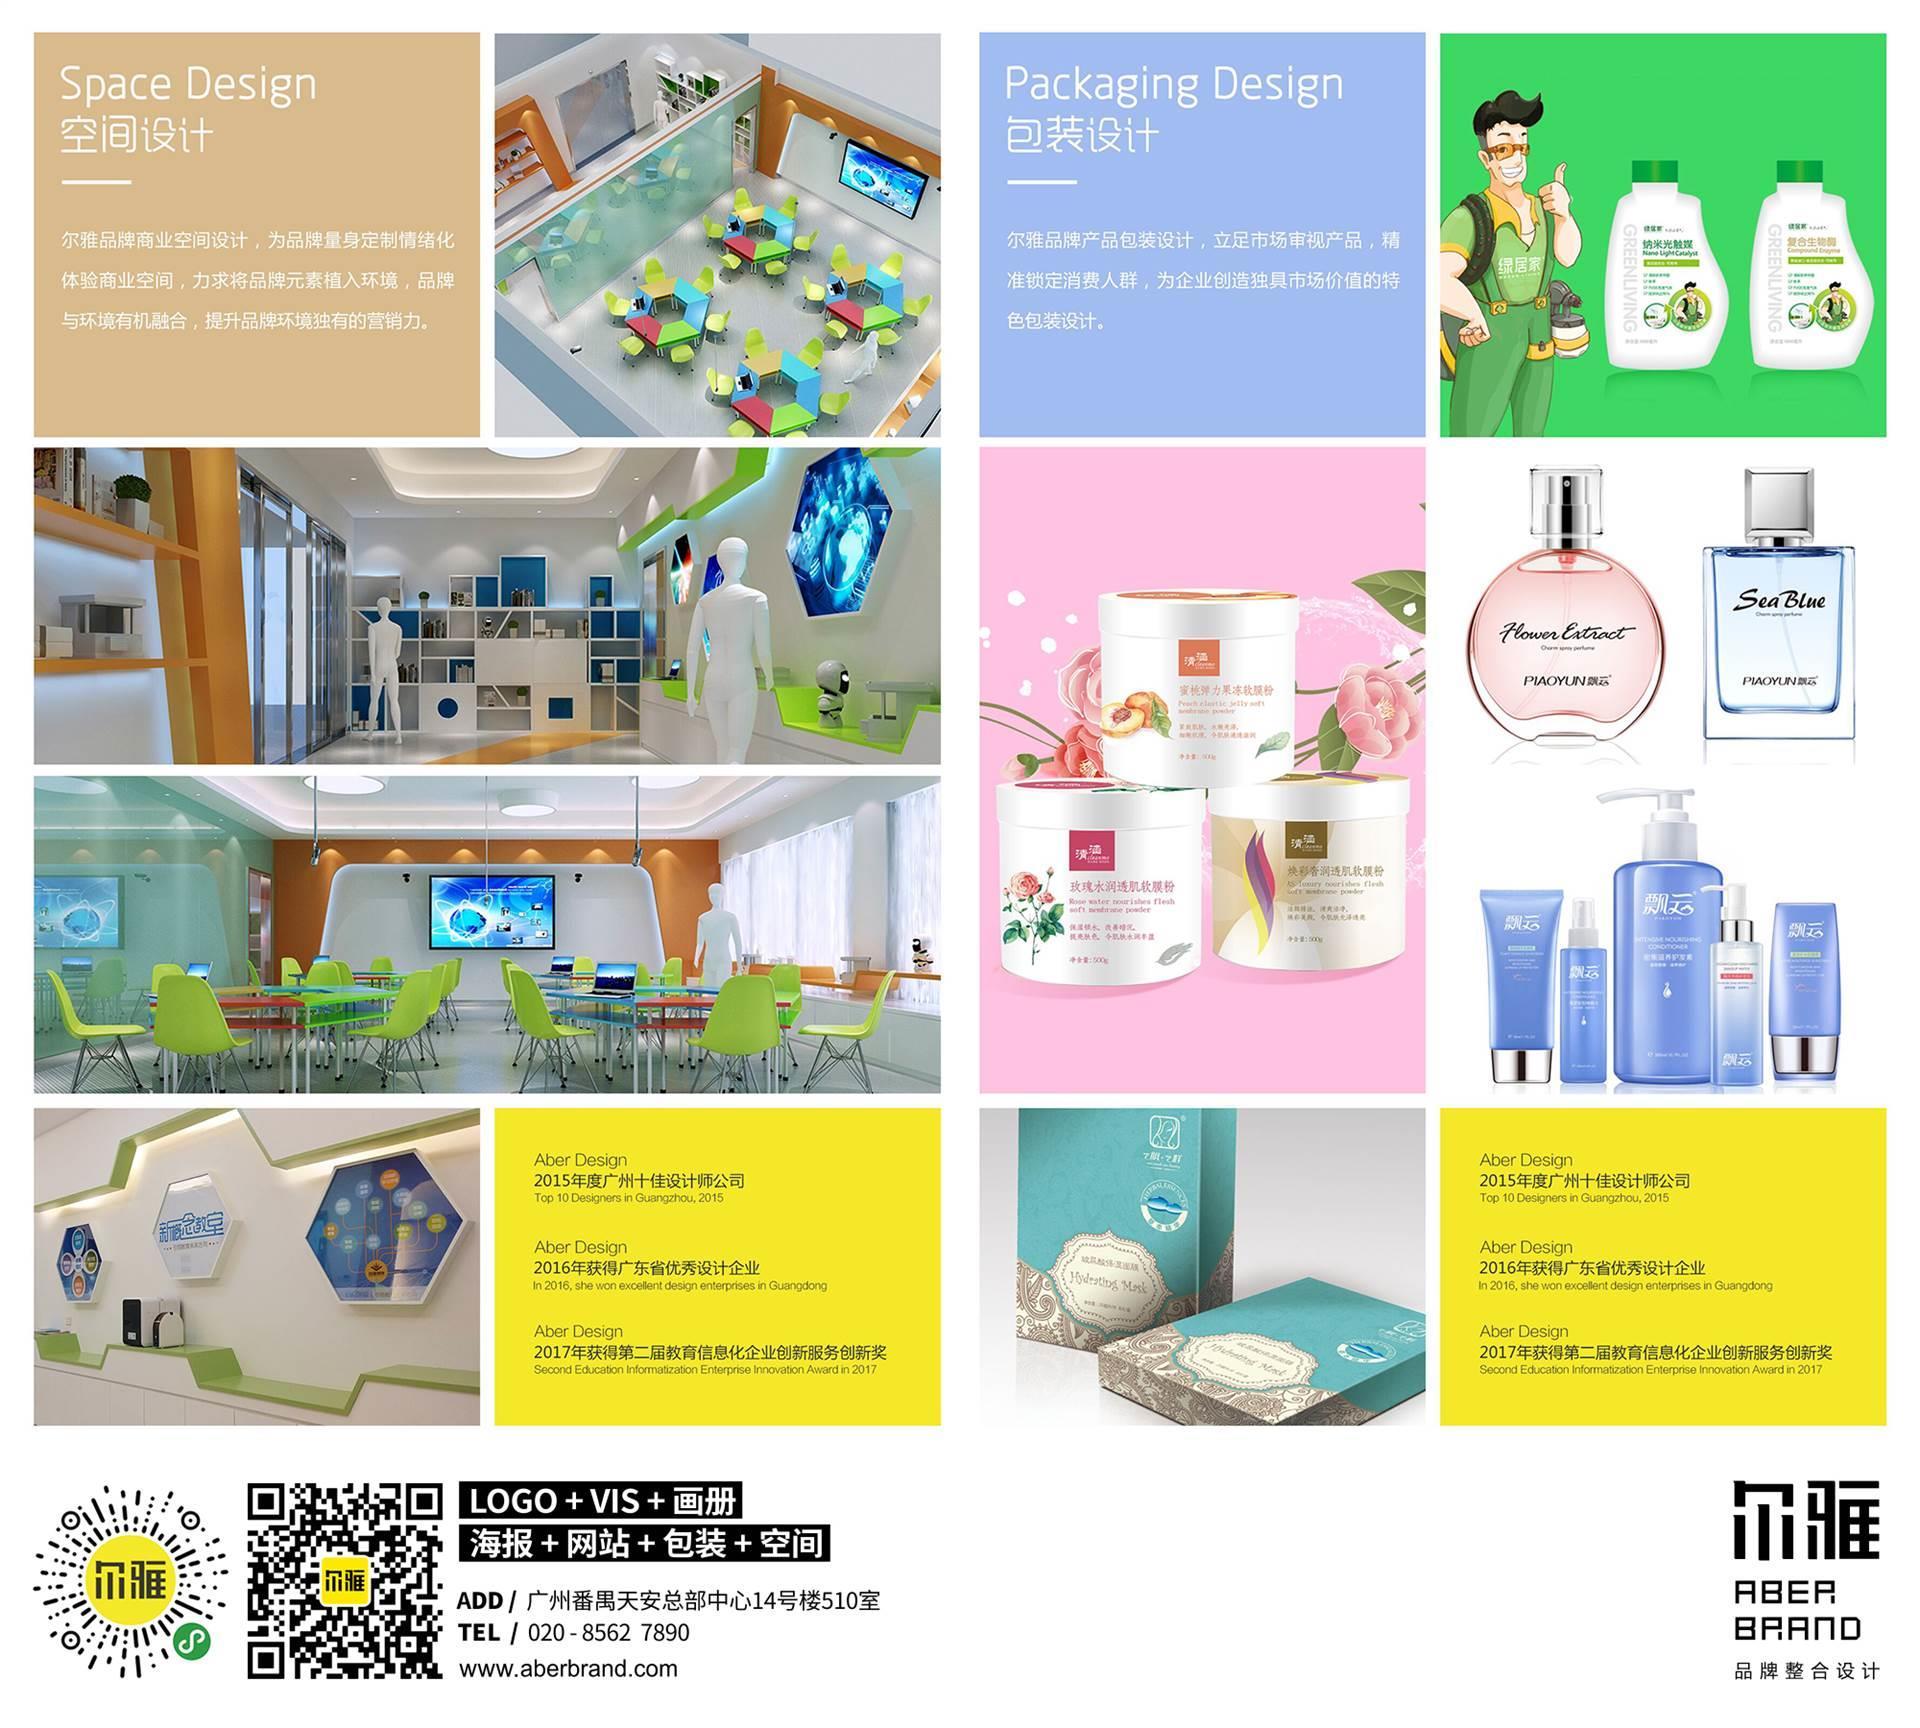 广州画册设计公司 企业宣传册设计 产品宣传册设计